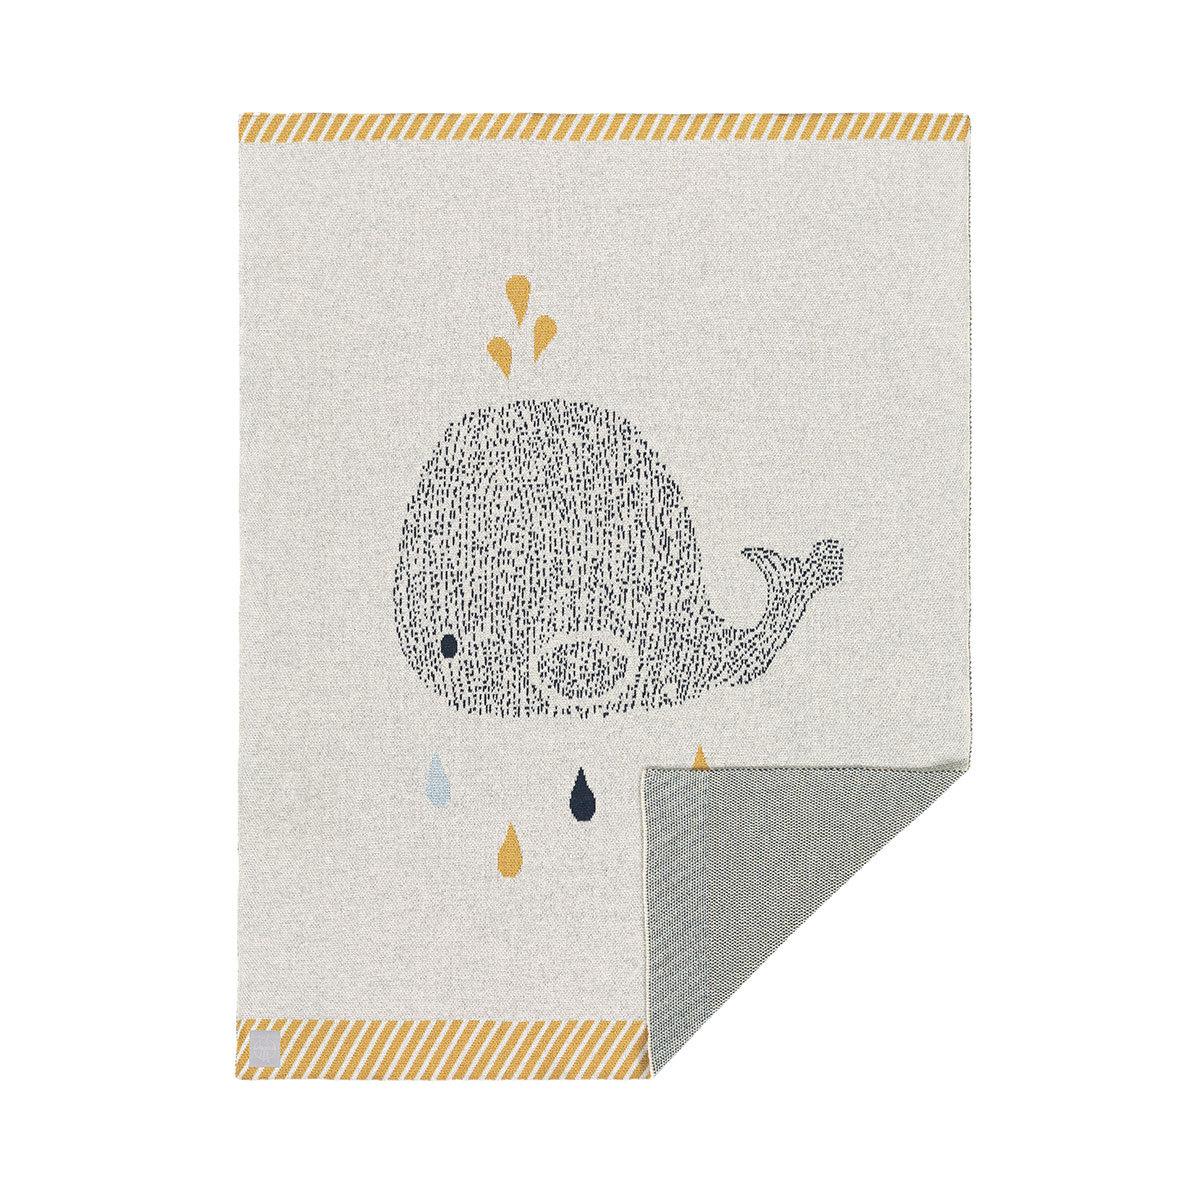 Linge de lit Couverture Little Water - Baleine Couverture Little Water - Baleine